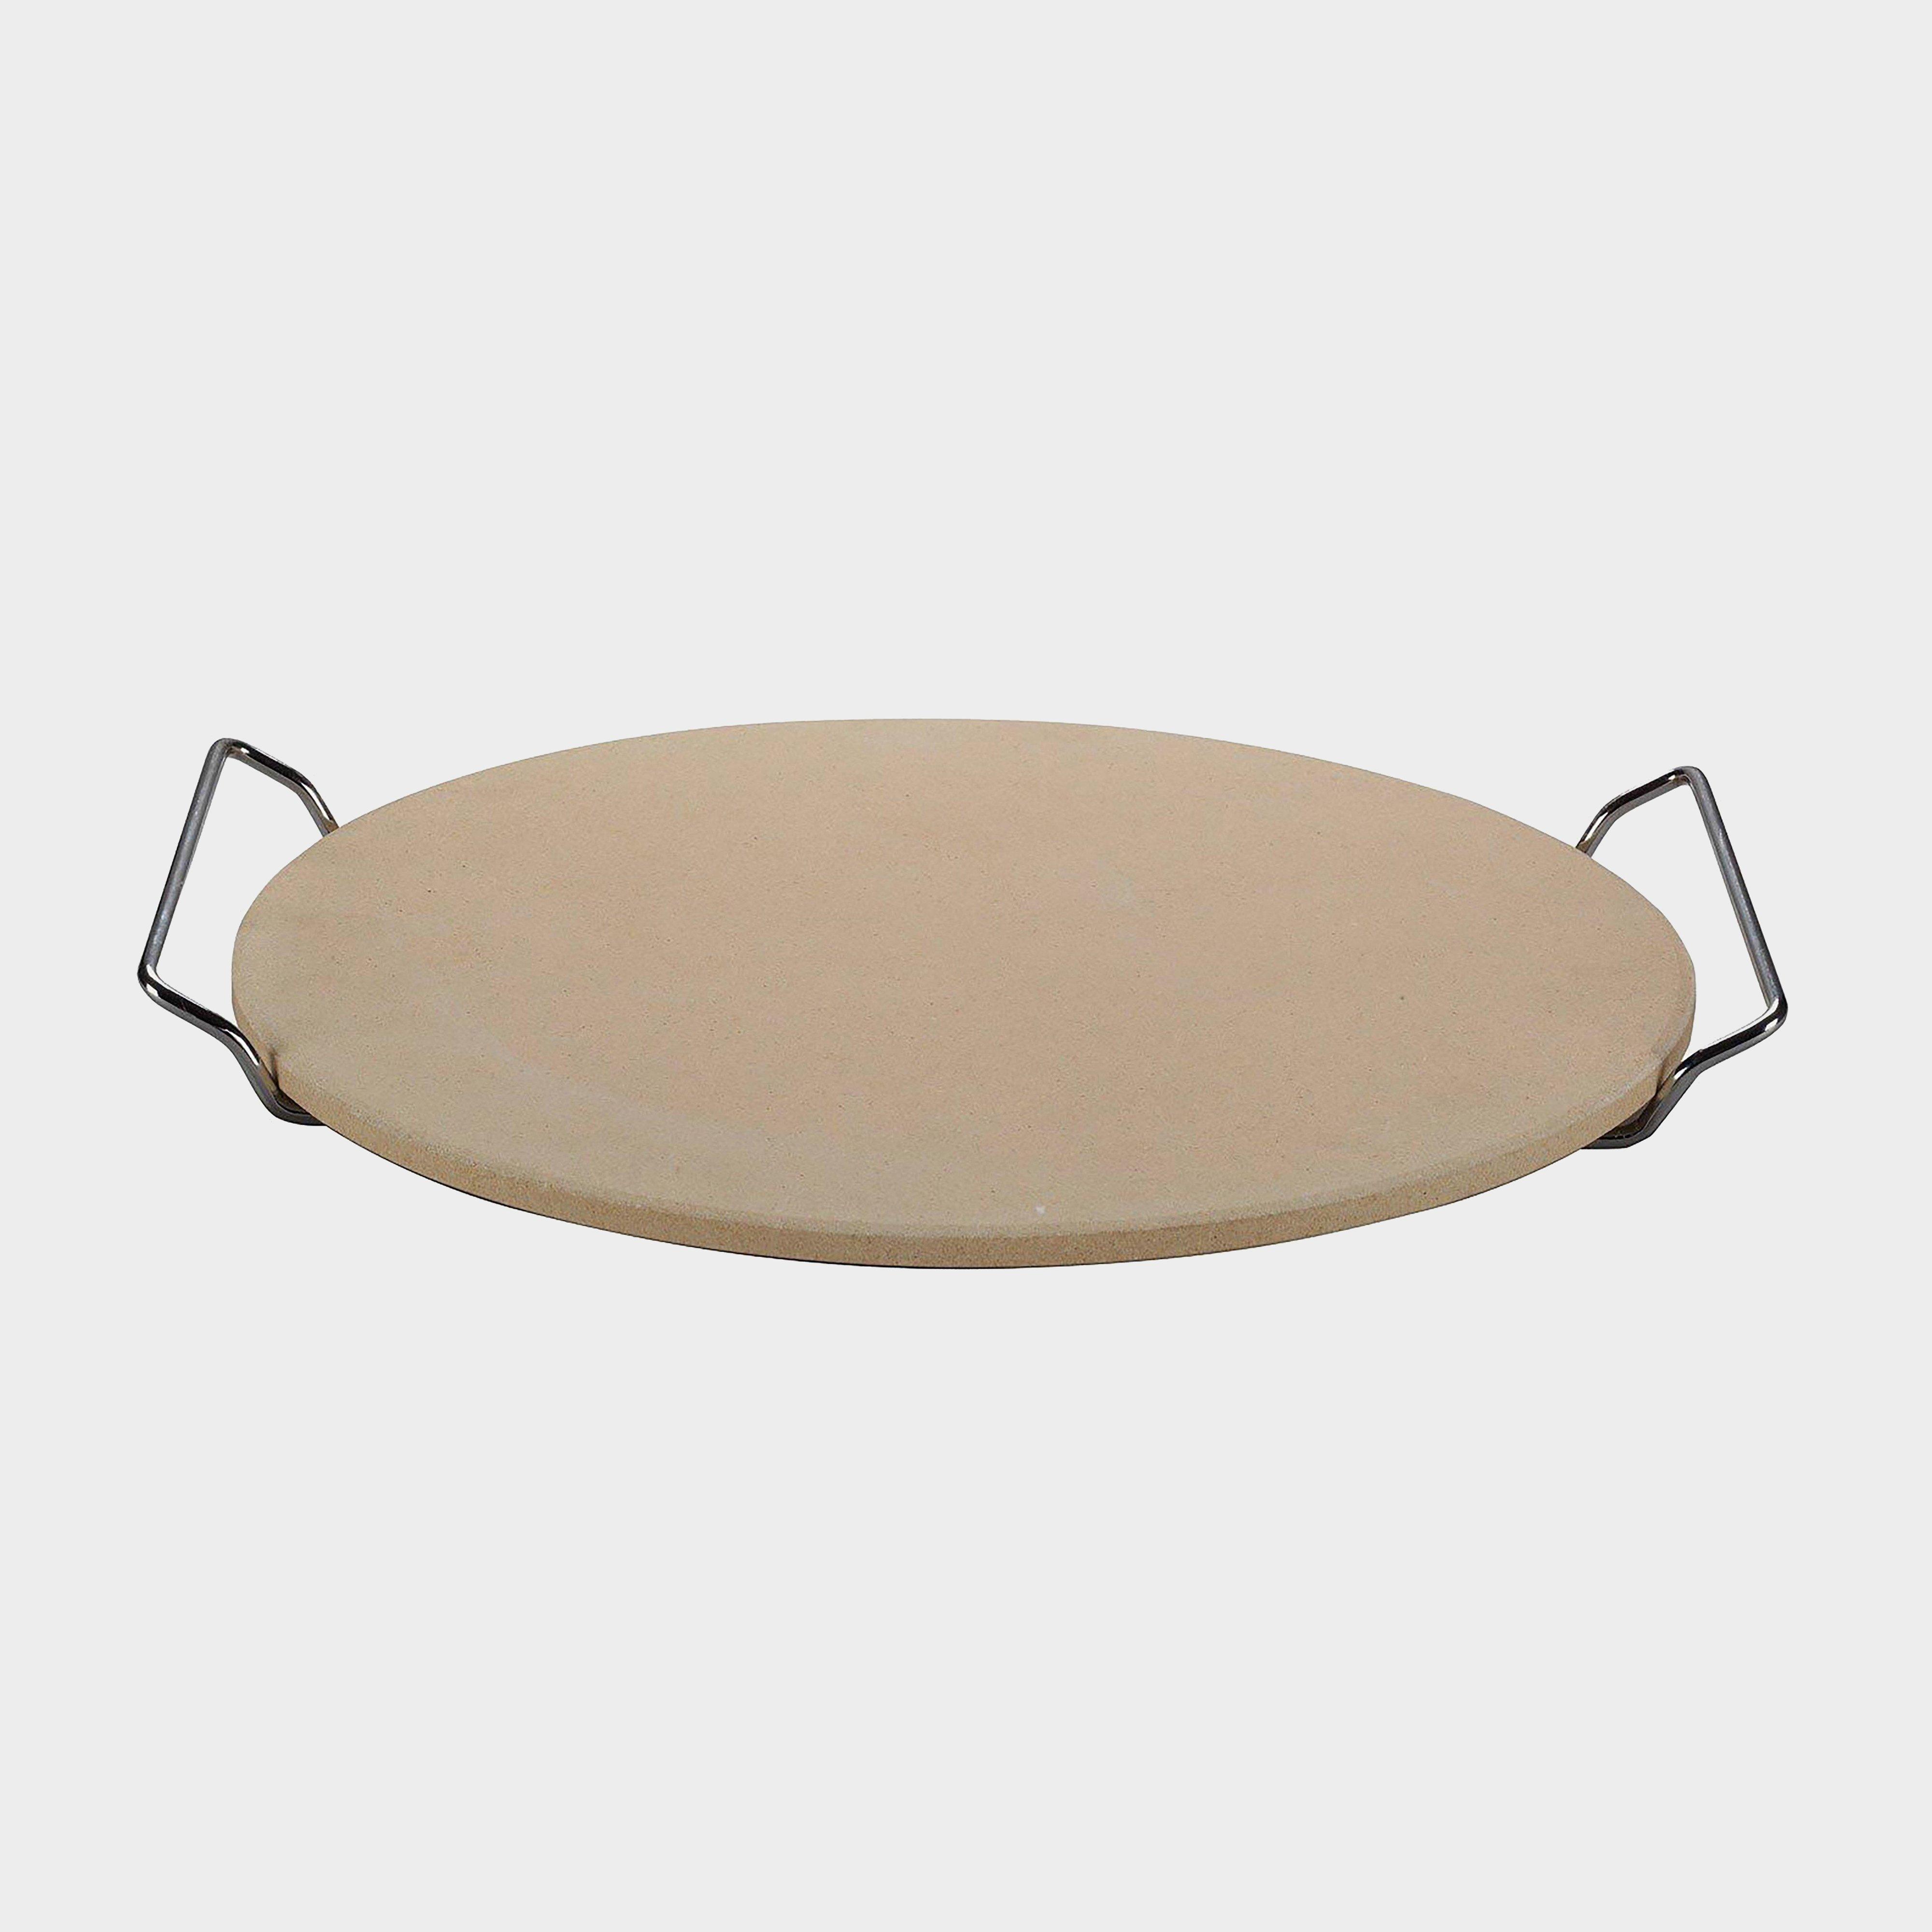 Cadac Pizza Stone (33cm), NOCOLOUR/STONE